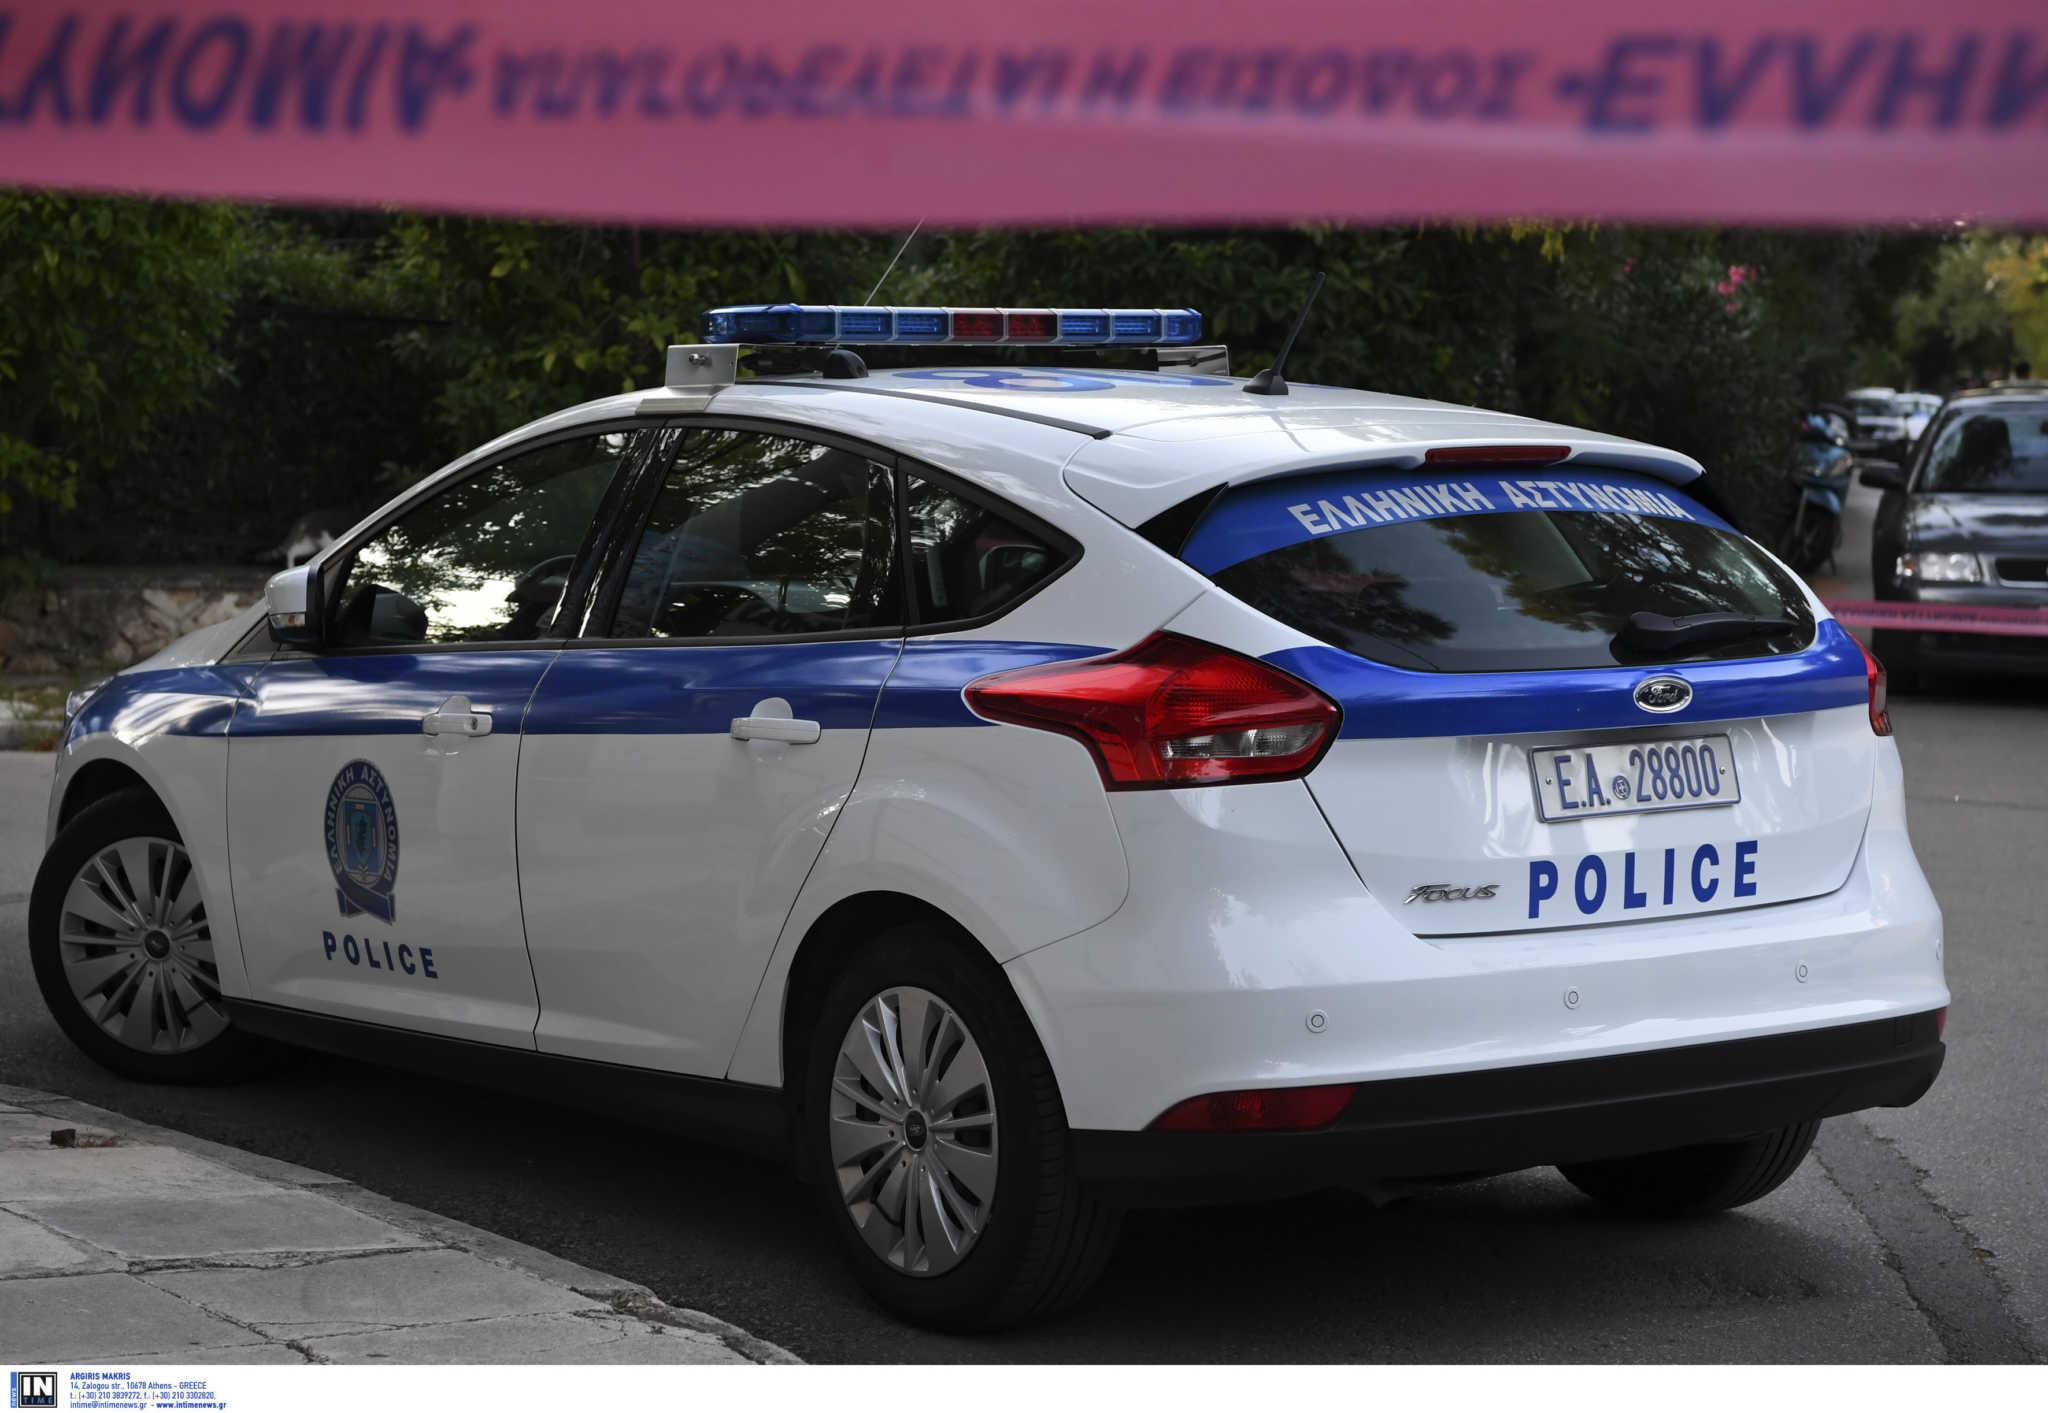 Καταγγελία για σεξουαλική κακοποίηση, SOK Πάτρα: Καταγγελία για σεξουαλική κακοποίηση ενός 5χρονου κοριτσιού, Eviathema.gr | ΕΥΒΟΙΑ ΝΕΑ - Νέα και ειδήσεις από όλη την Εύβοια